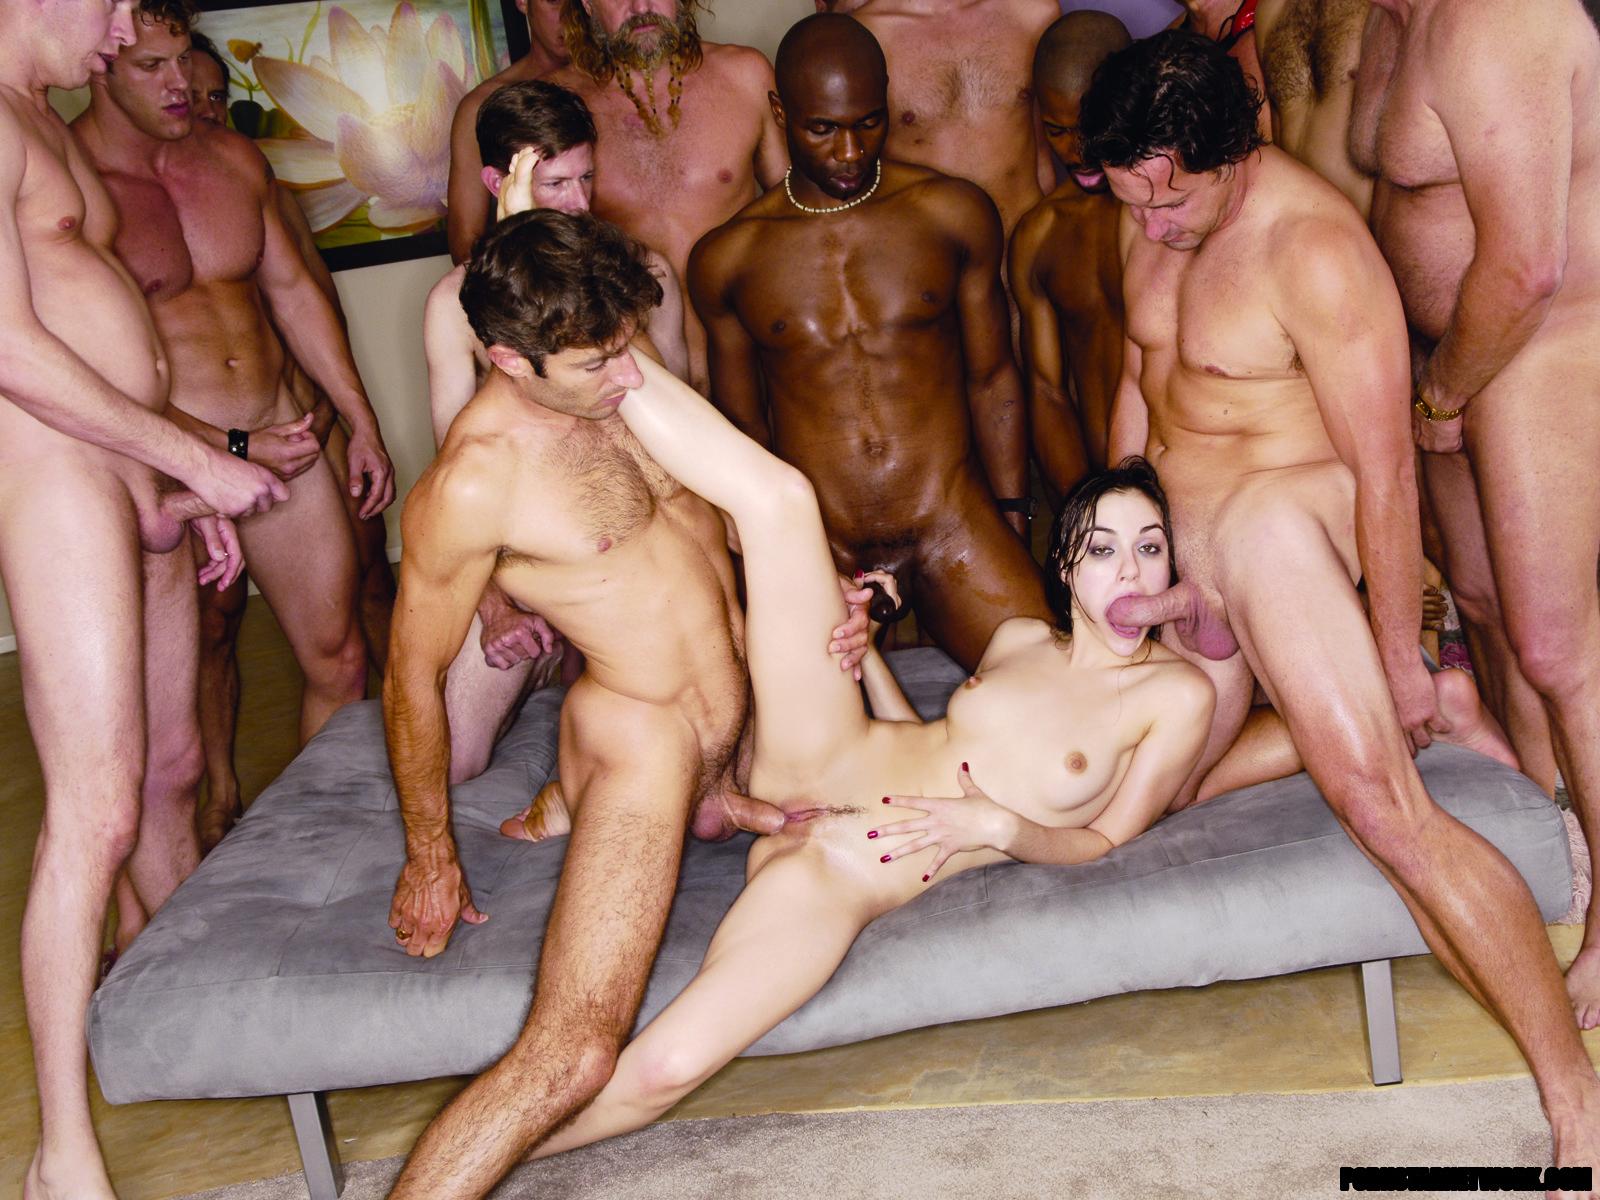 Саша грей обслуживает толпу мужиков 6 фотография